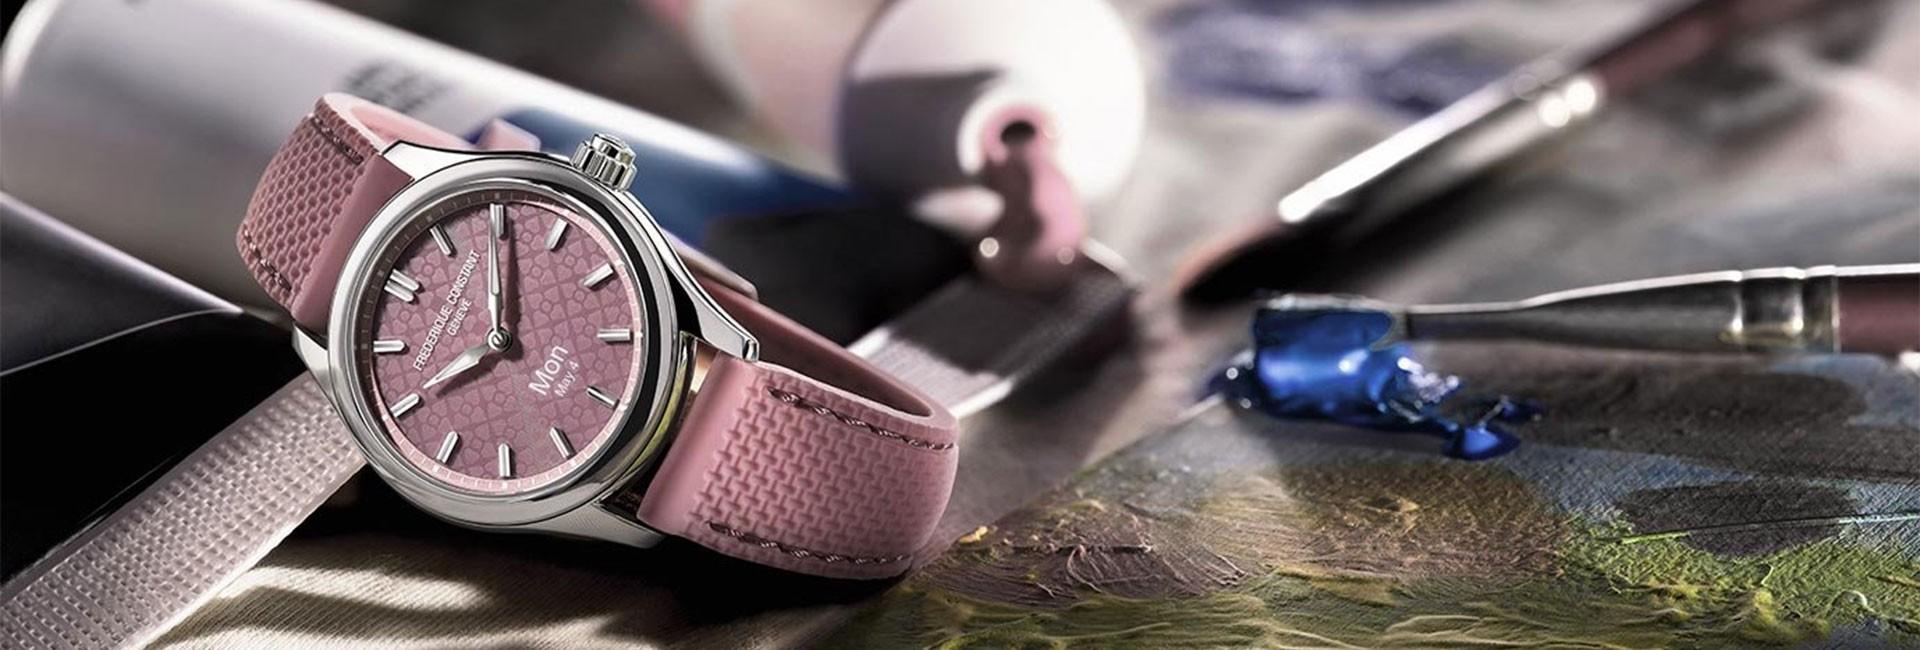 Smartwatch Lady's